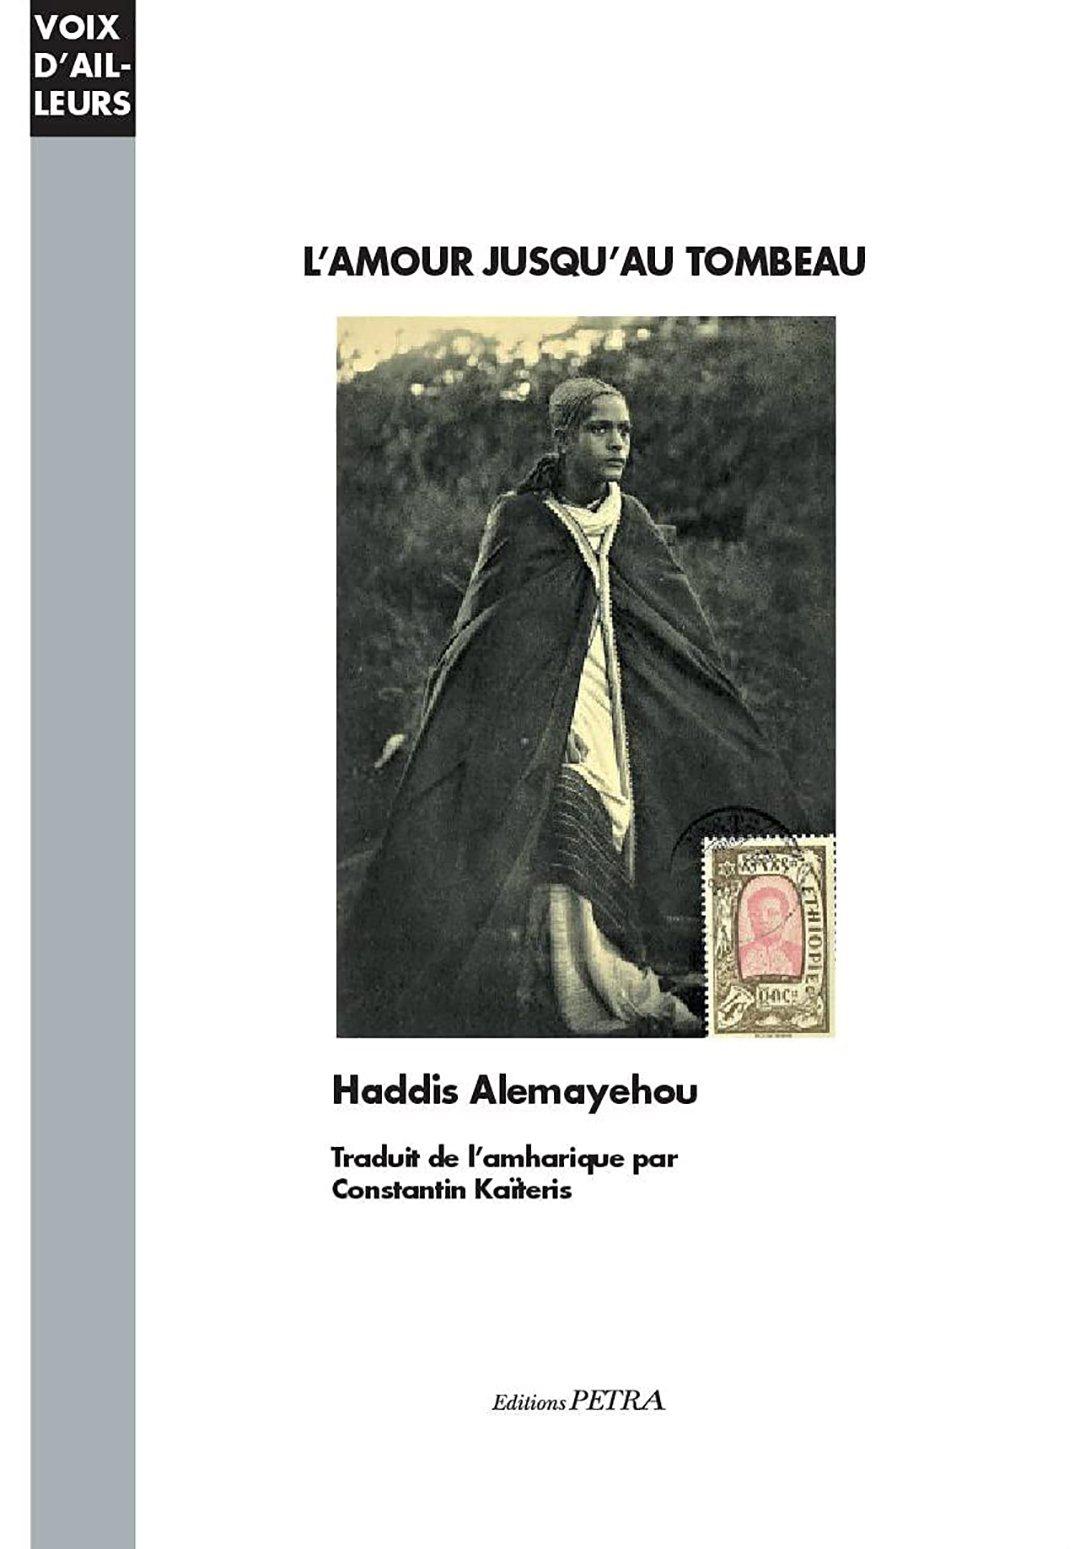 «L'amour jusqu'au tombeau» de Haddis Alemayehu, traduit par Constantin Kaïteris, éditions Petra